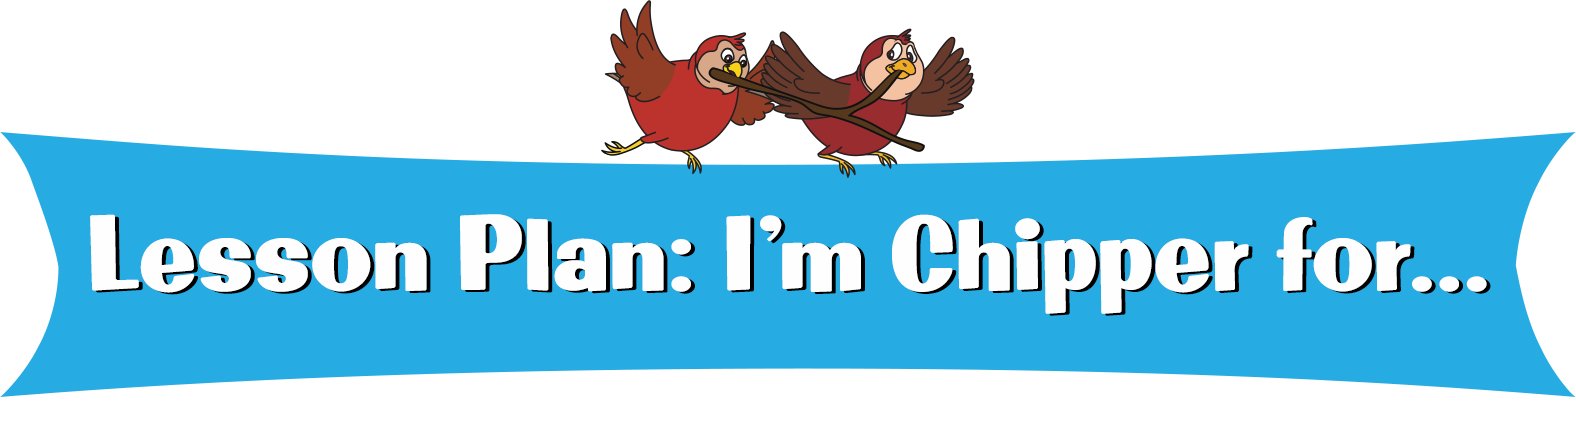 I'm-Chipper-for-Lesson-Plan-Banner